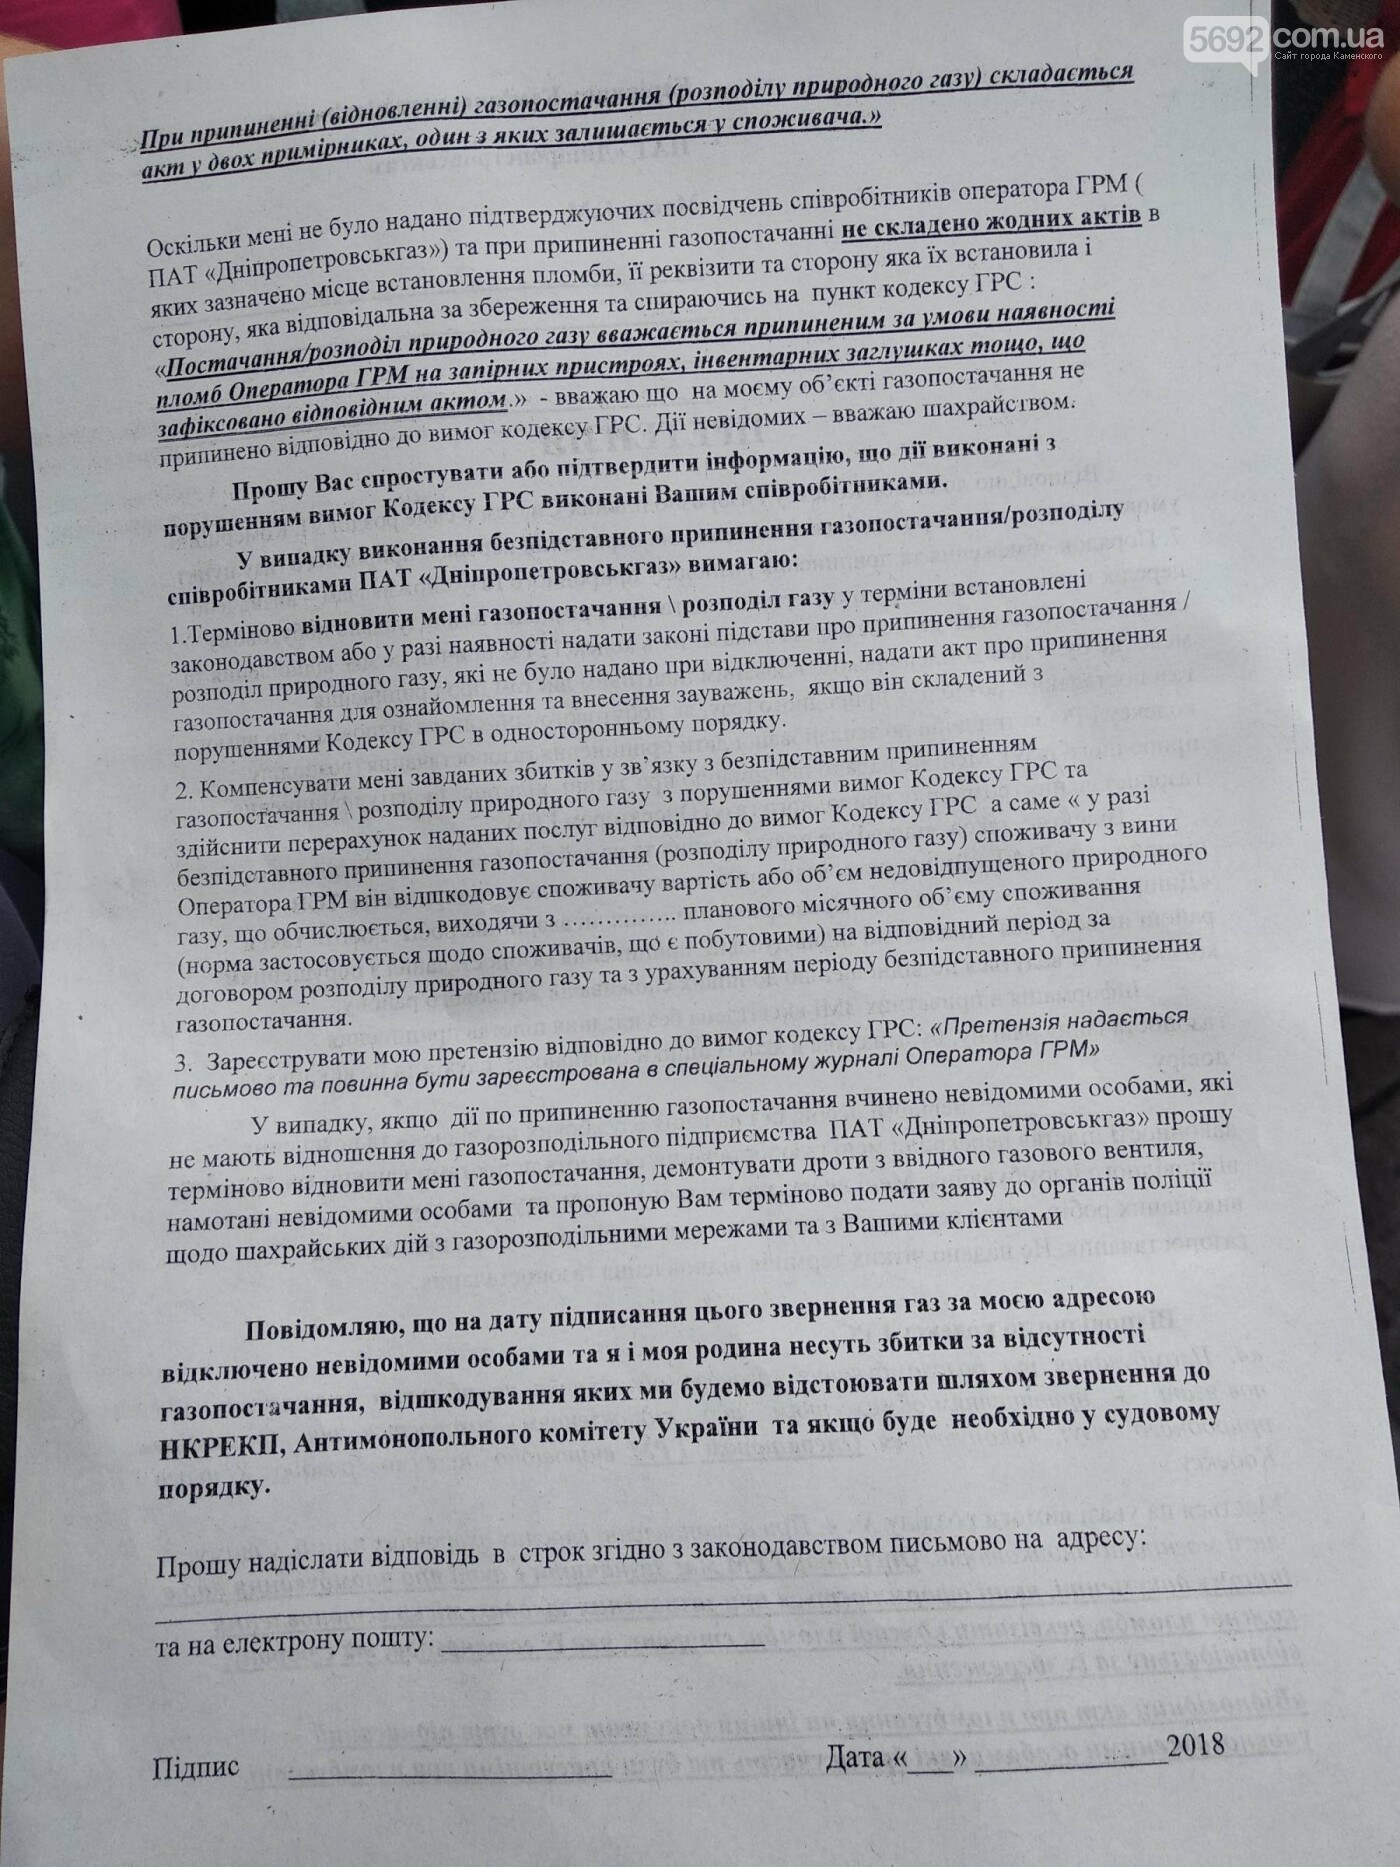 В Романково прошла массовая акция каменчан против газовщиков, фото-5